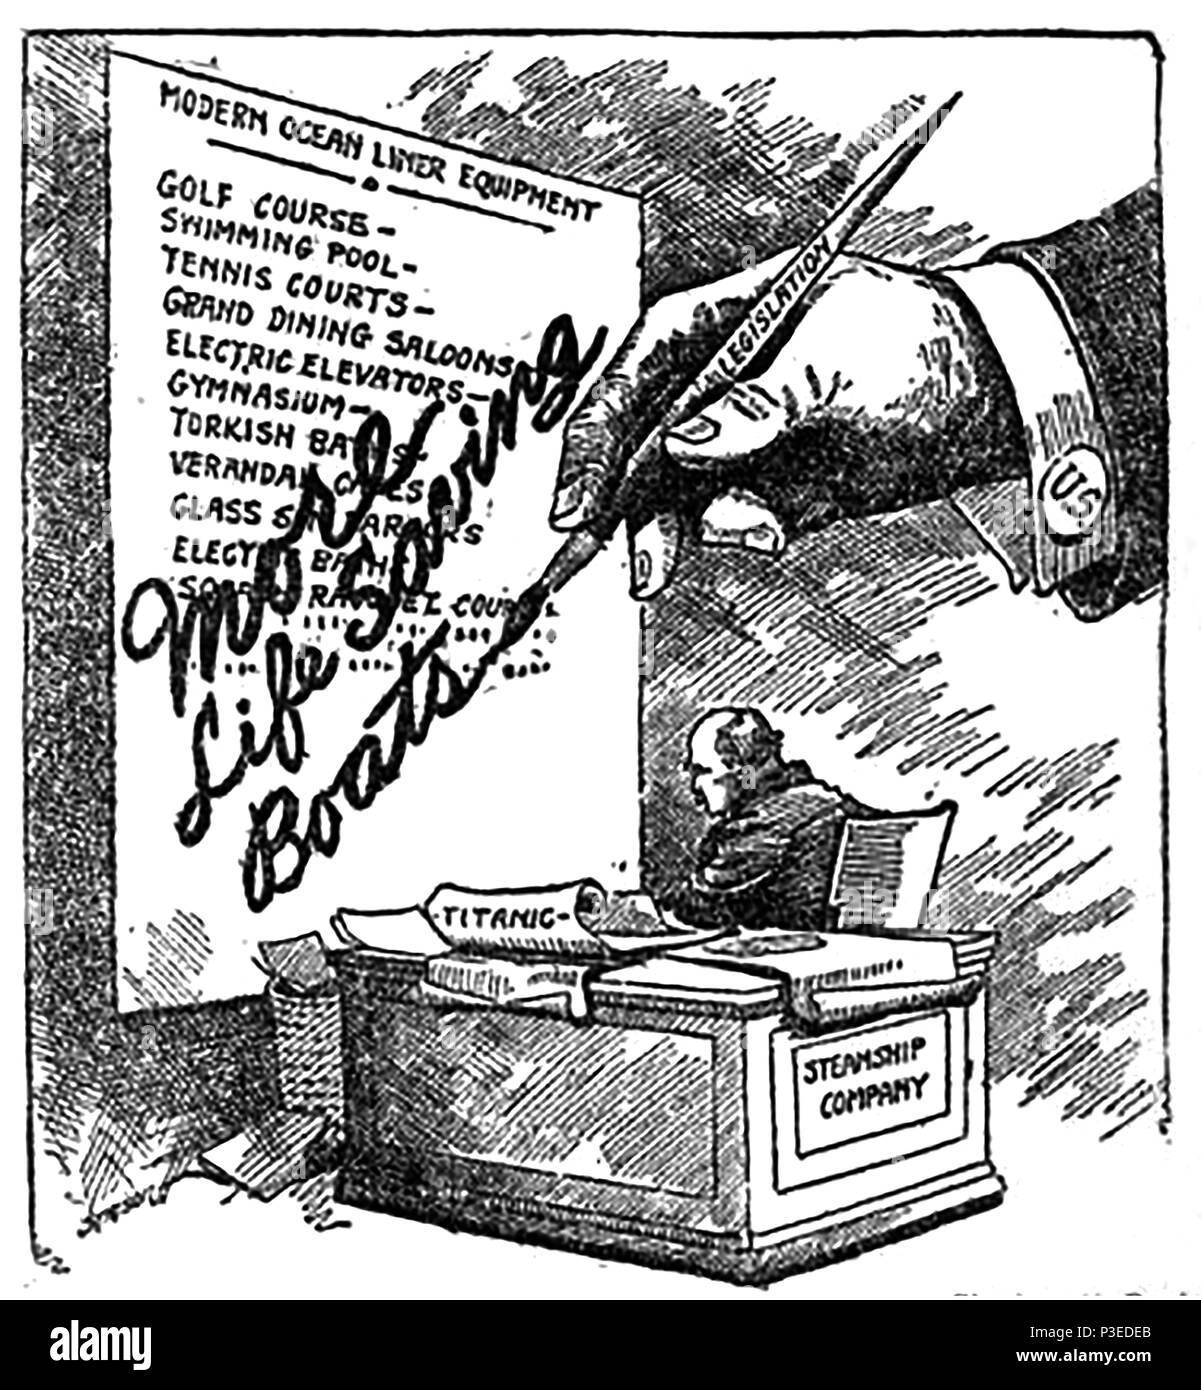 Naufrage Du Titanic 1912 Un Dessin Animé Satirique Commentant Que